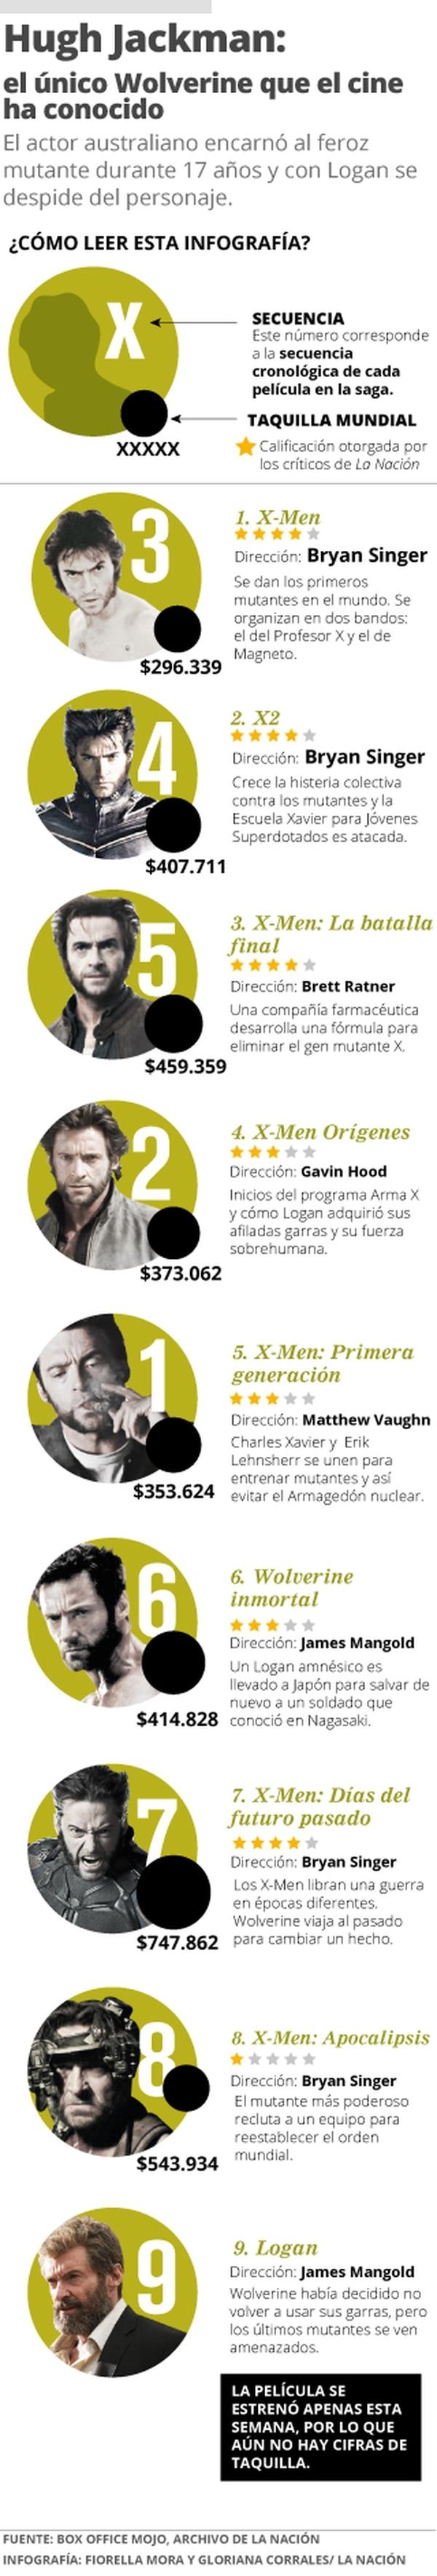 Hugh Jackman: el único Wolverine que el cine ha conocido